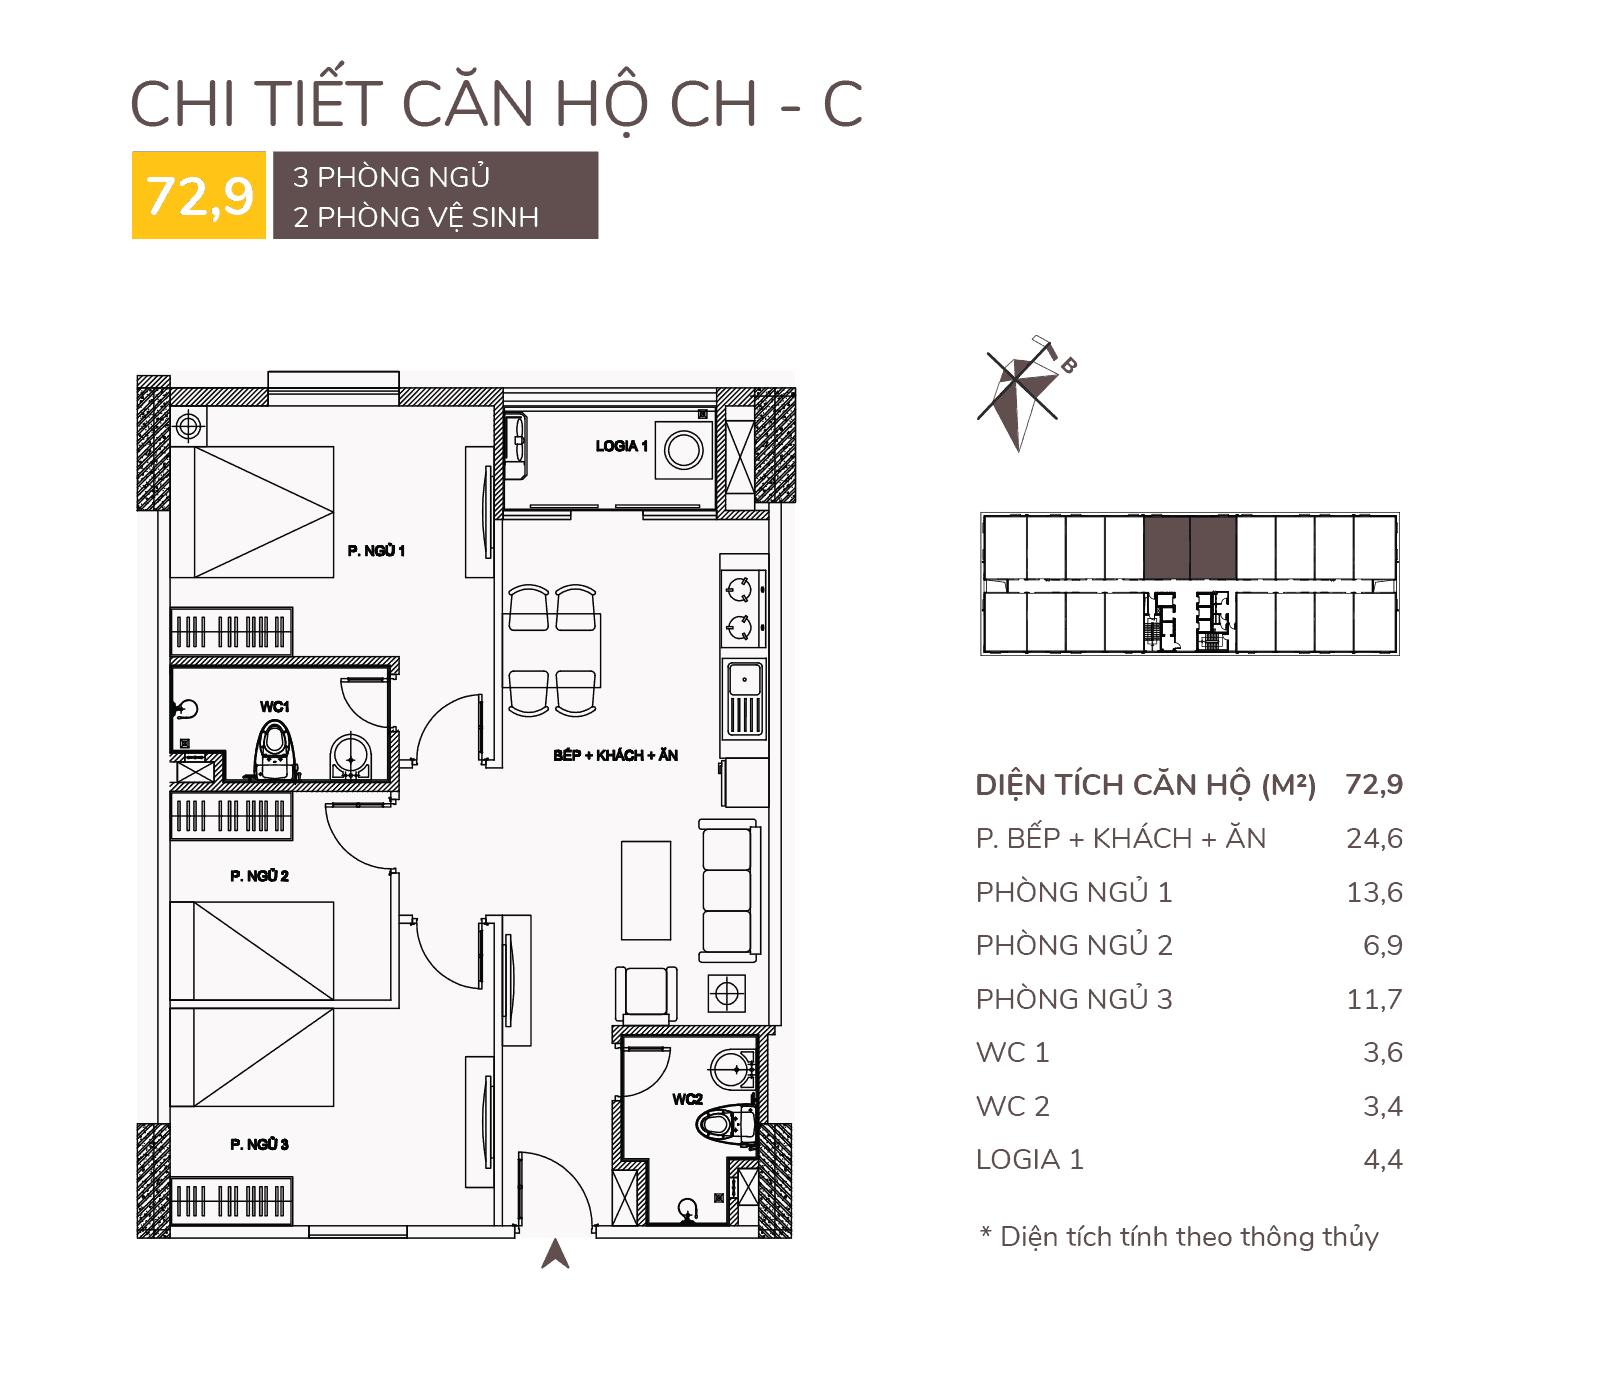 Chi tiết căn hộ CH - C